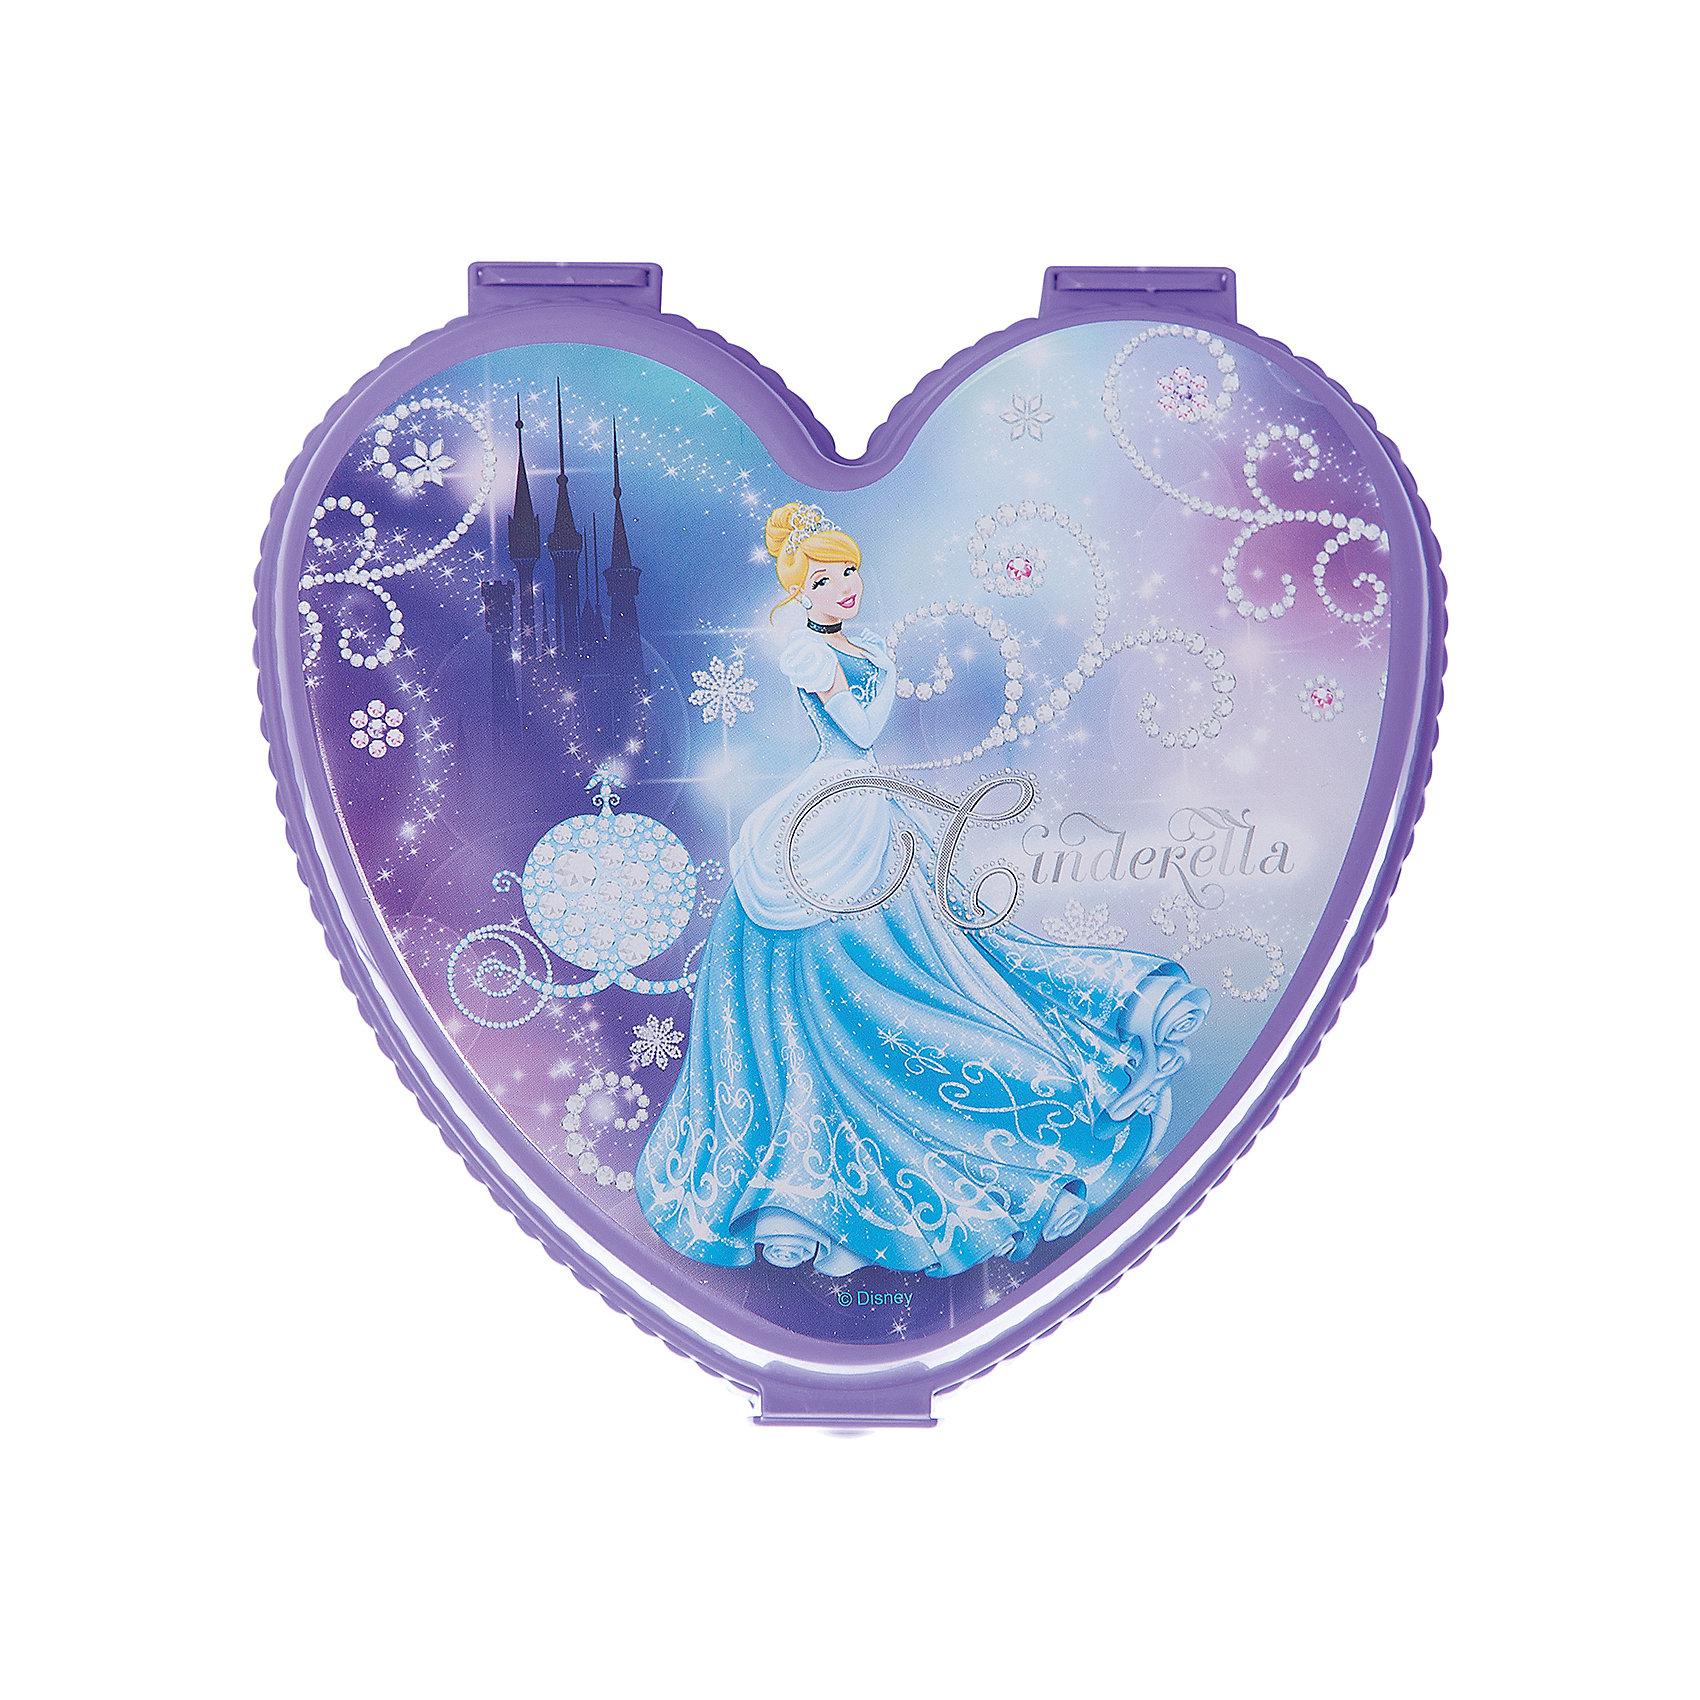 Шкатулка игрушечная Золушка ,  Alternativa, фиолет.Предметы интерьера<br>Восхитительная шкатулка Золушка способна подарить девочке много позитивных эмоций, ведь она выполнена в форме сердечка и декорирована рисунком с любимой Золушкой из Диснеевских мультфильмов. Кроме того, шкатулка очень прочная и ей удобно пользоваться.<br><br>Дополнительная информация:<br>Сказочный персонаж: Золушка<br>Материал: пластик<br>Размер: 17х17,5х7 см<br><br>Шкатулку Золушка можно купить в нашем интернет-магазине.<br><br>Ширина мм: 170<br>Глубина мм: 175<br>Высота мм: 70<br>Вес г: 136<br>Возраст от месяцев: 36<br>Возраст до месяцев: 144<br>Пол: Унисекс<br>Возраст: Детский<br>SKU: 4979792